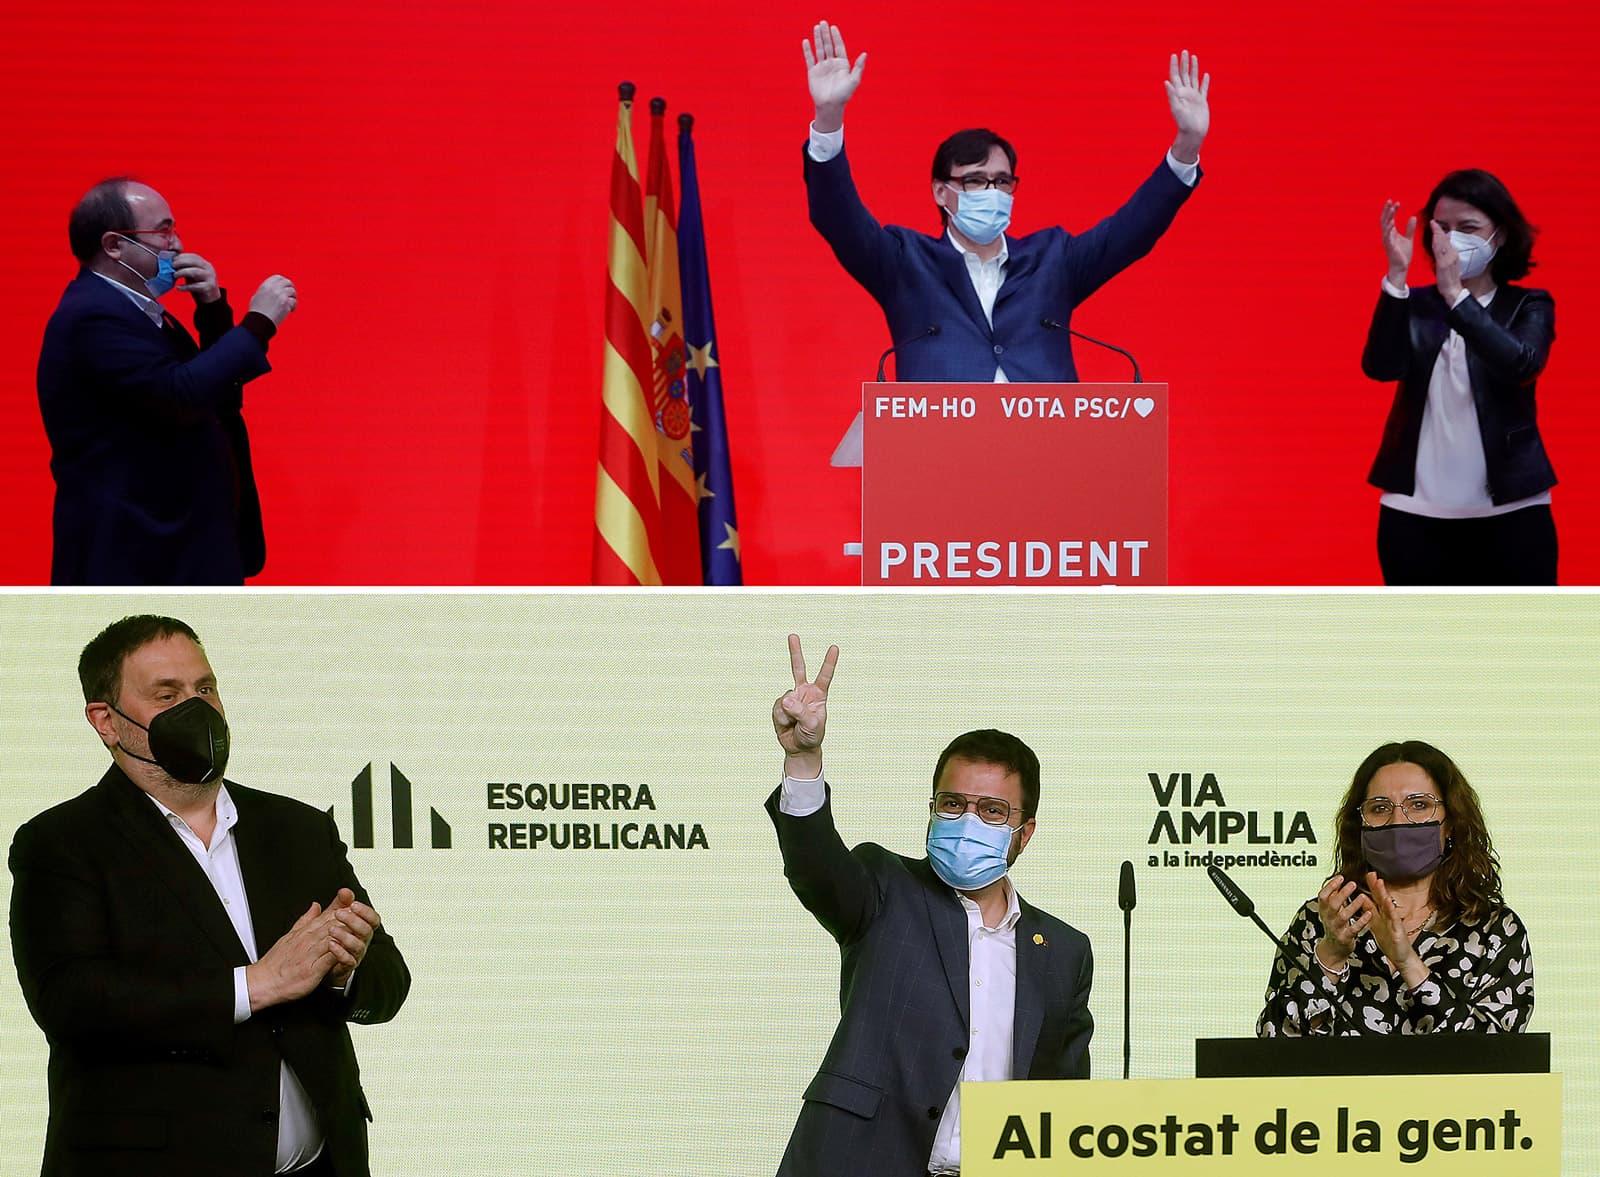 Imatges de la nit electoral a les seus del PSC i d'ERC, un cop coneguts els resultats de les eleccions del 14 de febrer. Fotografies de Toni Albir i d'Alberto Estévez. Efe.